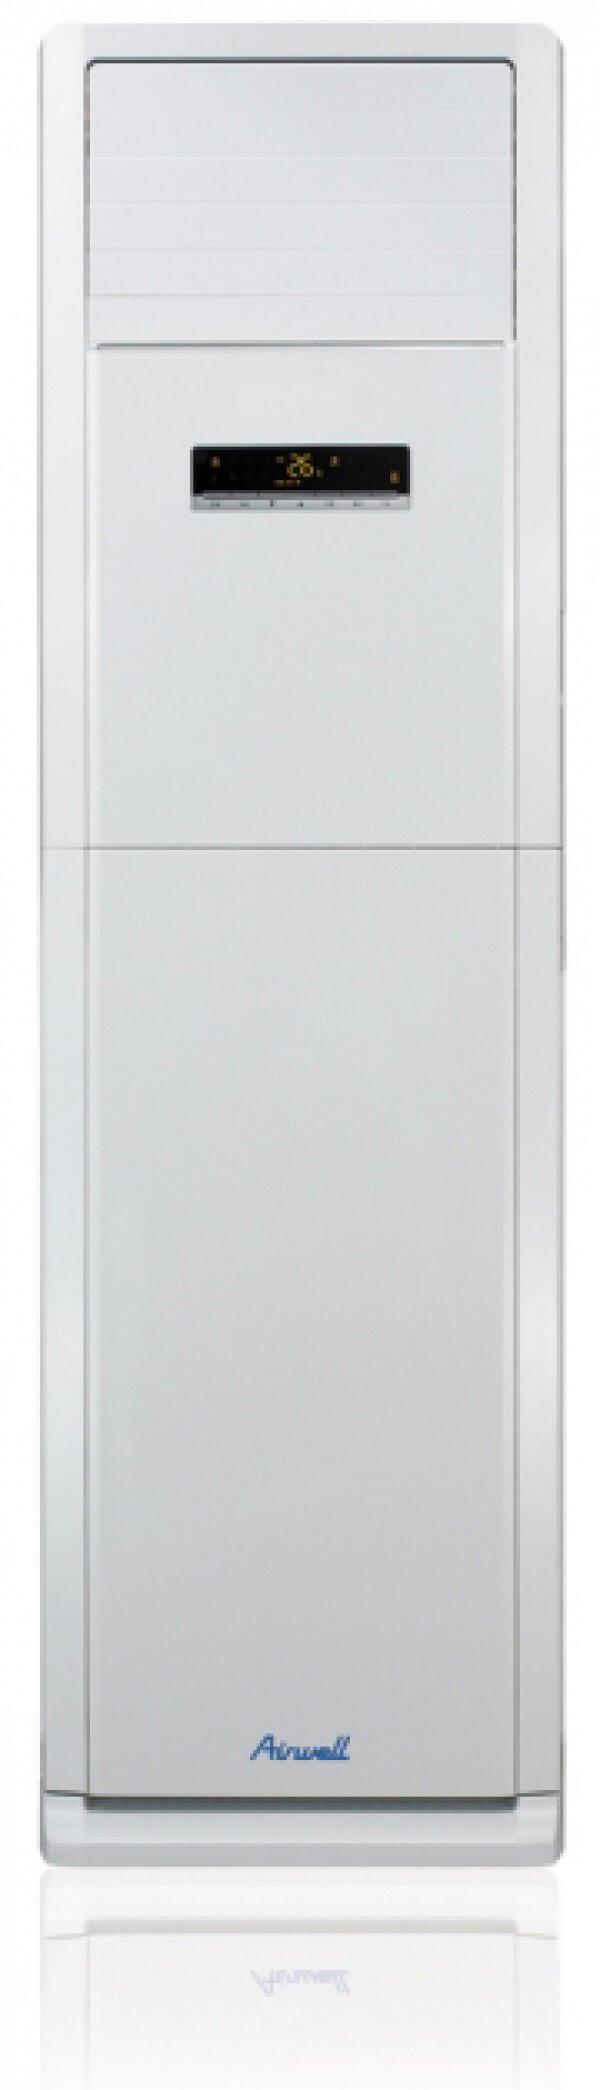 Climatiseur Armoire Airwell 48000 BTU